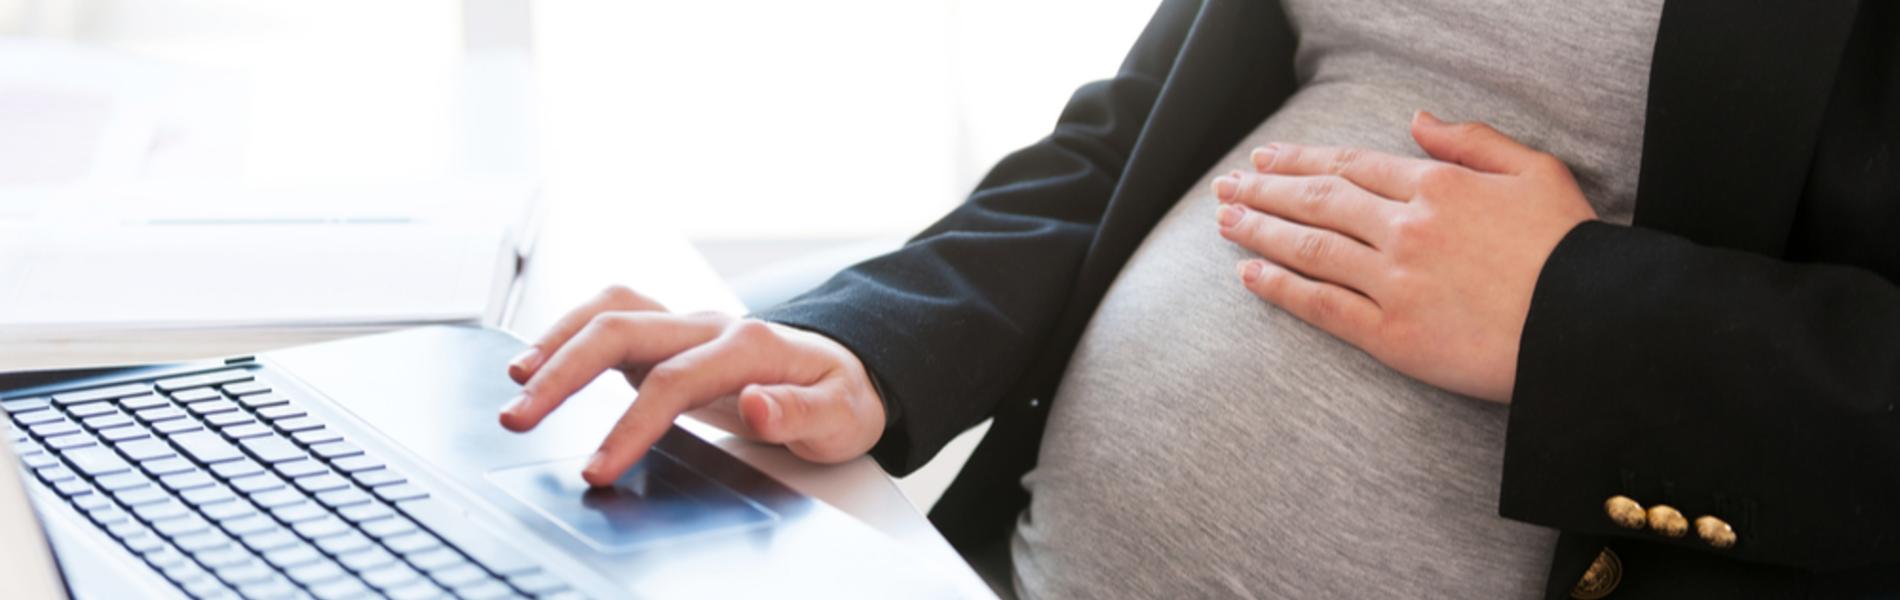 כל מה שידוע עד כה על הריון, הנקה וחיסוני קורונה